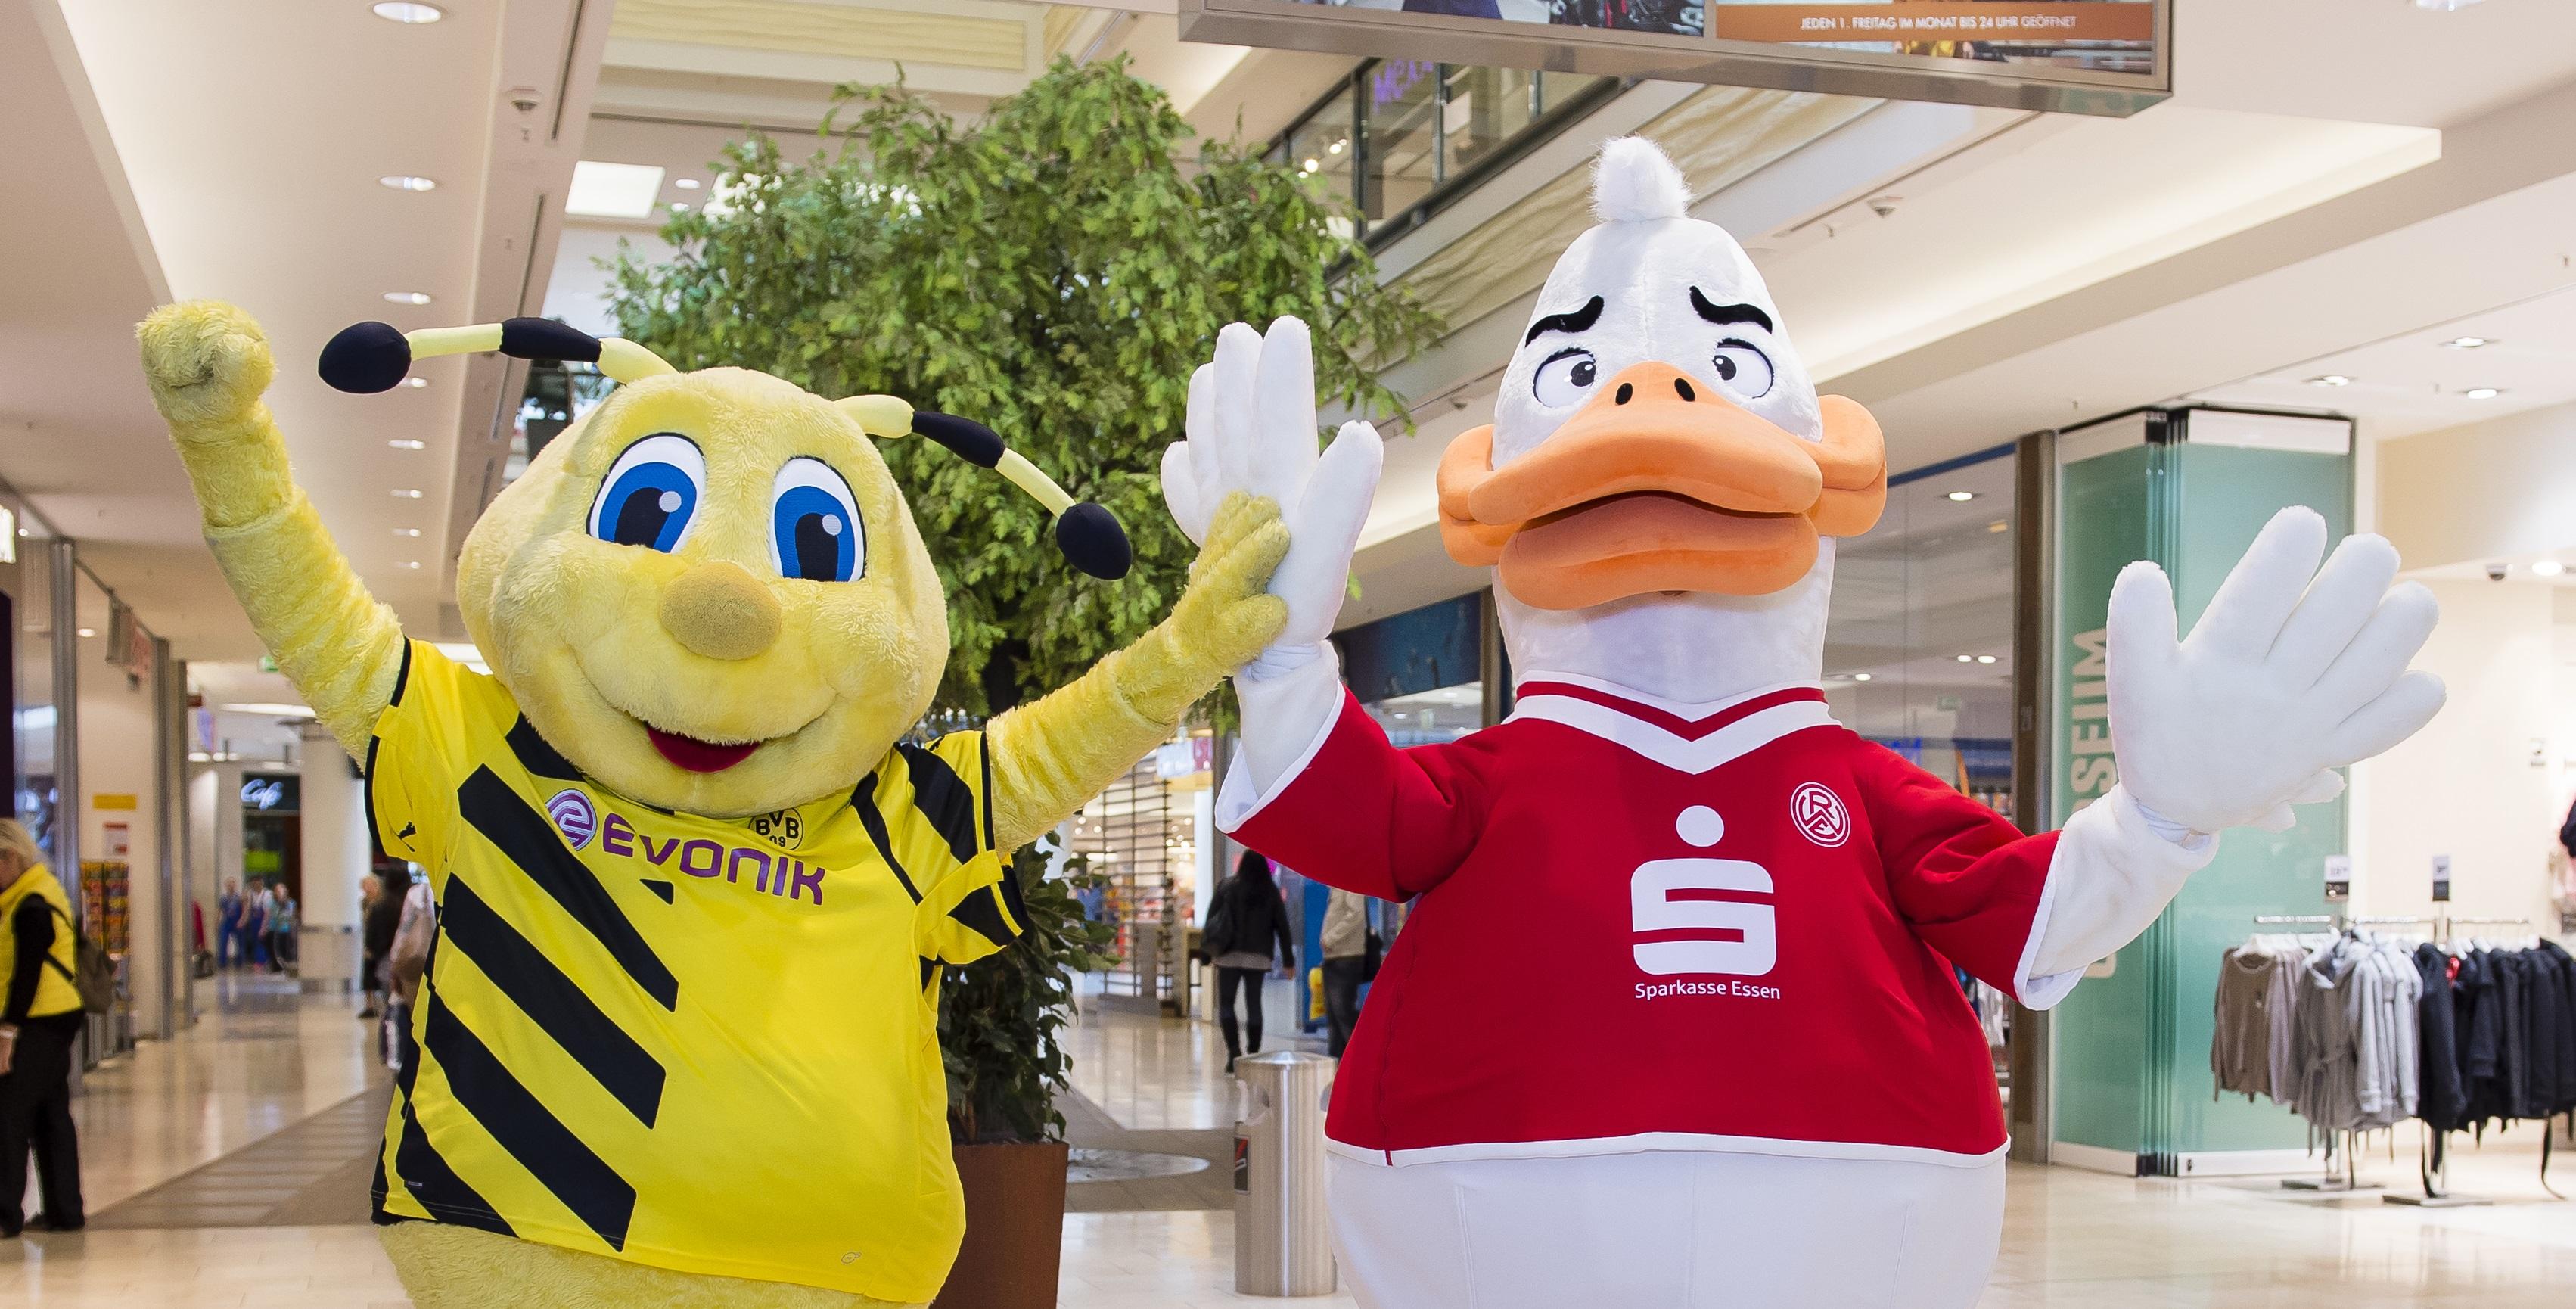 Seit 2014 kooperieren Rot-Weiss Essen und der BVB im Limbecker Platz.